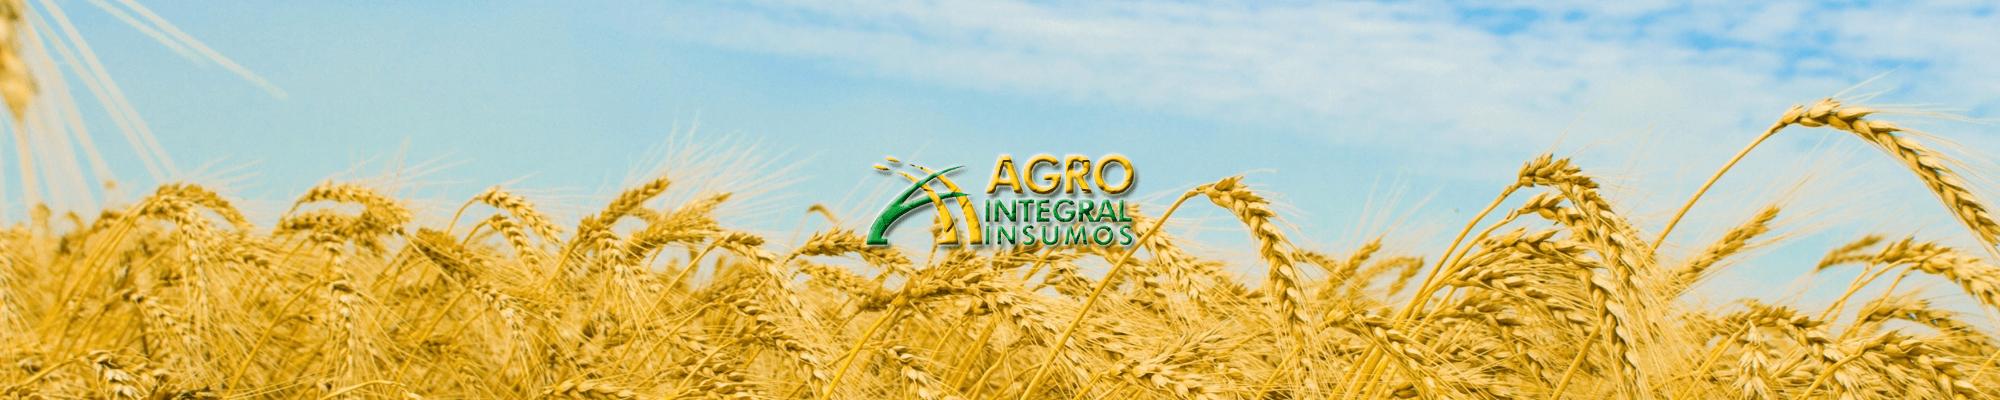 Venta Insumos Agropecuarios Bell Ville, Córdoba, Argentina